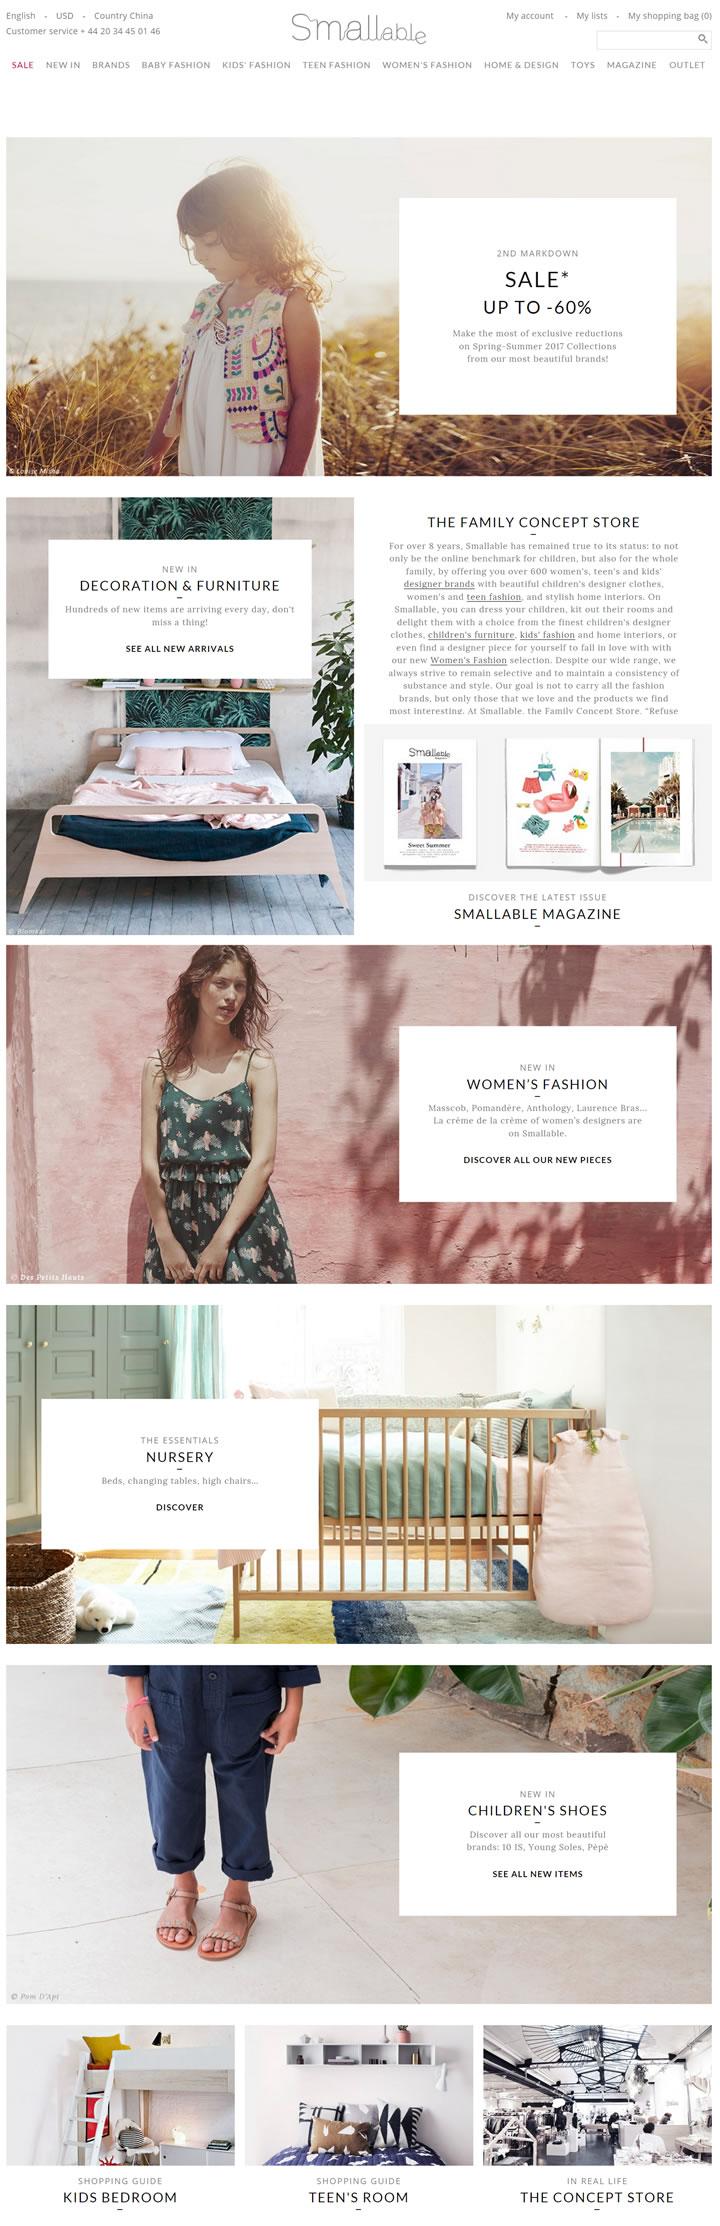 Smallable英国家庭概念店:设计师童装及家居装饰